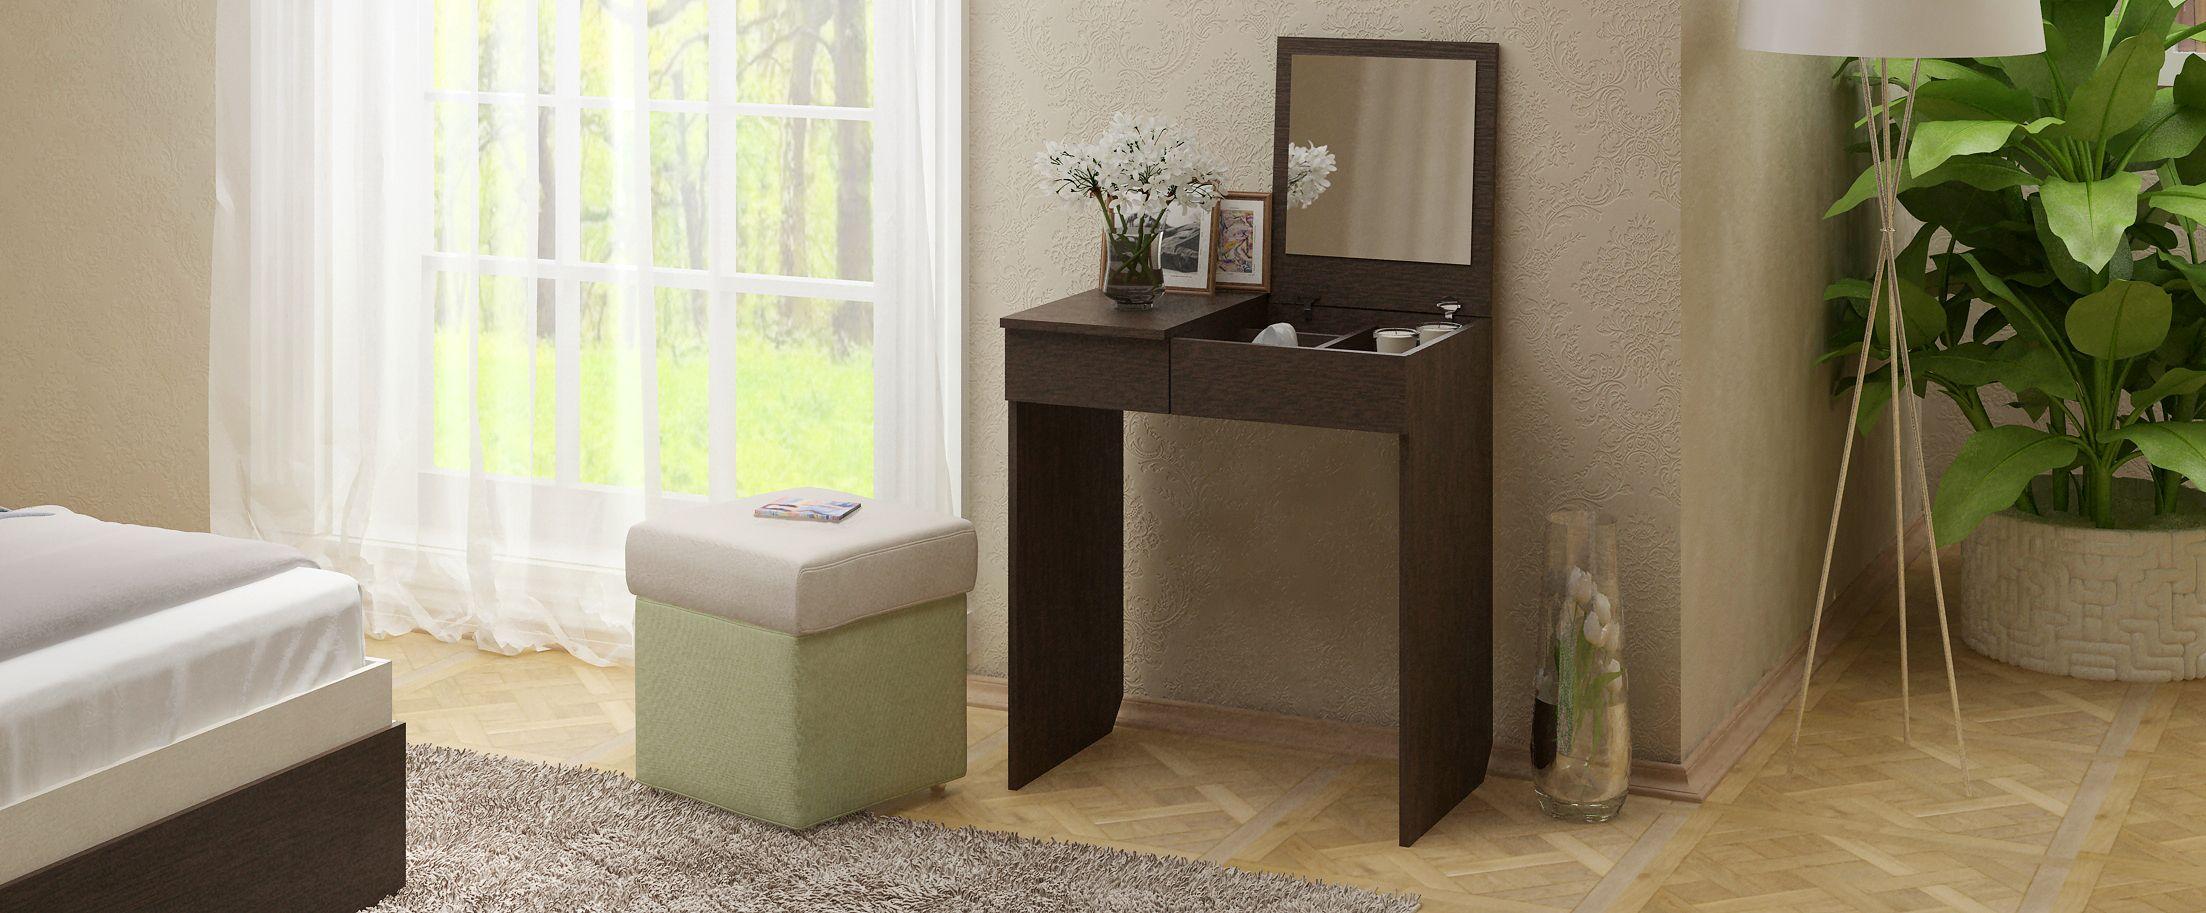 Туалетный столик Риано 1 Модель 800Туалетные столики «Риано» — изящное и стильное решение для современной спальни и других помещений.<br><br>Ширина см: 71<br>Глубина см: 47<br>Высота см: 78<br>Материал фасада: ЛДСП<br>Материал корпуса: ЛДСП<br>Цвет: Венге